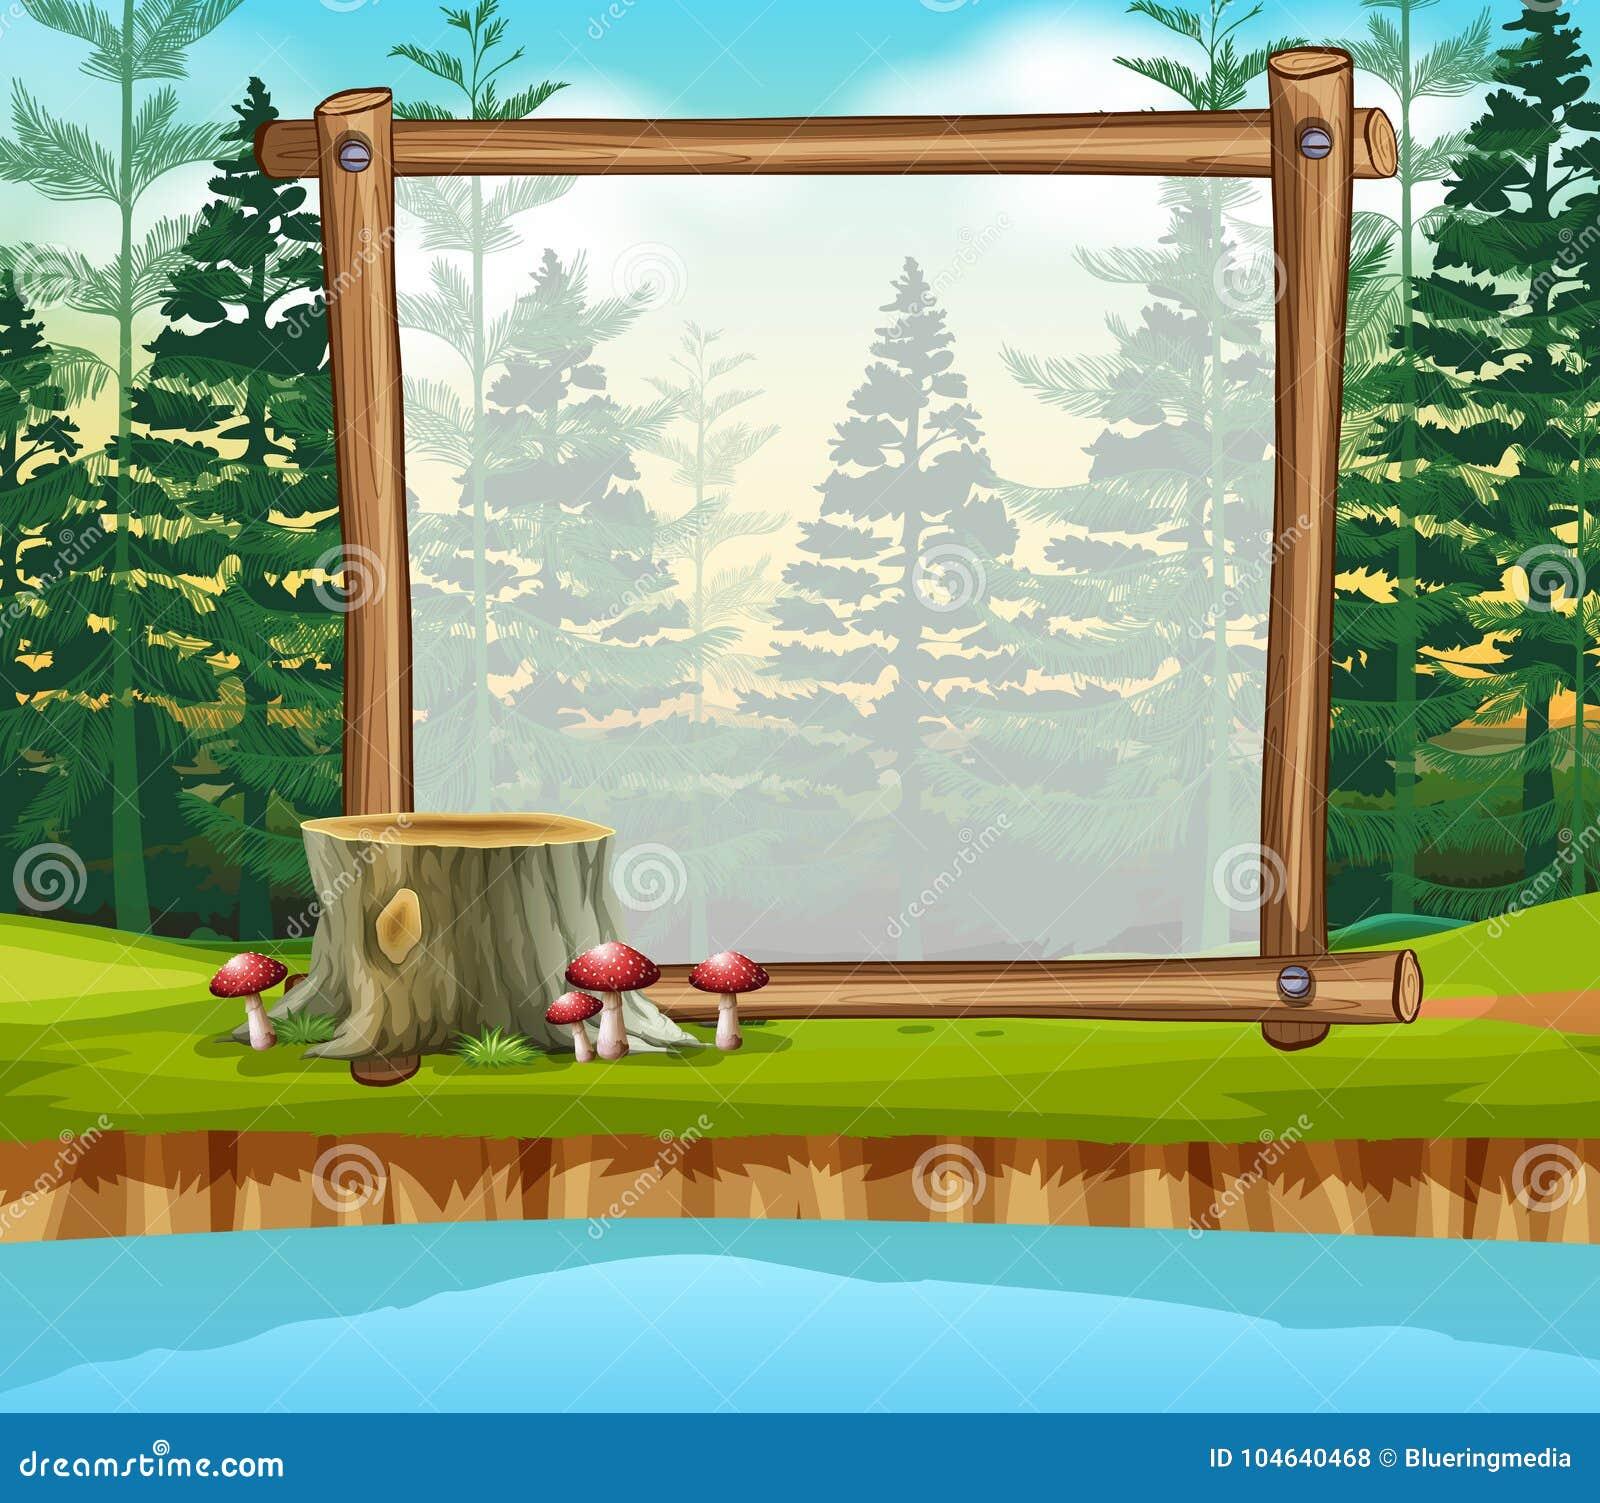 Download Grensmalplaatje Met Pijnboombos Op Achtergrond Vector Illustratie - Illustratie bestaande uit grafisch, malplaatje: 104640468